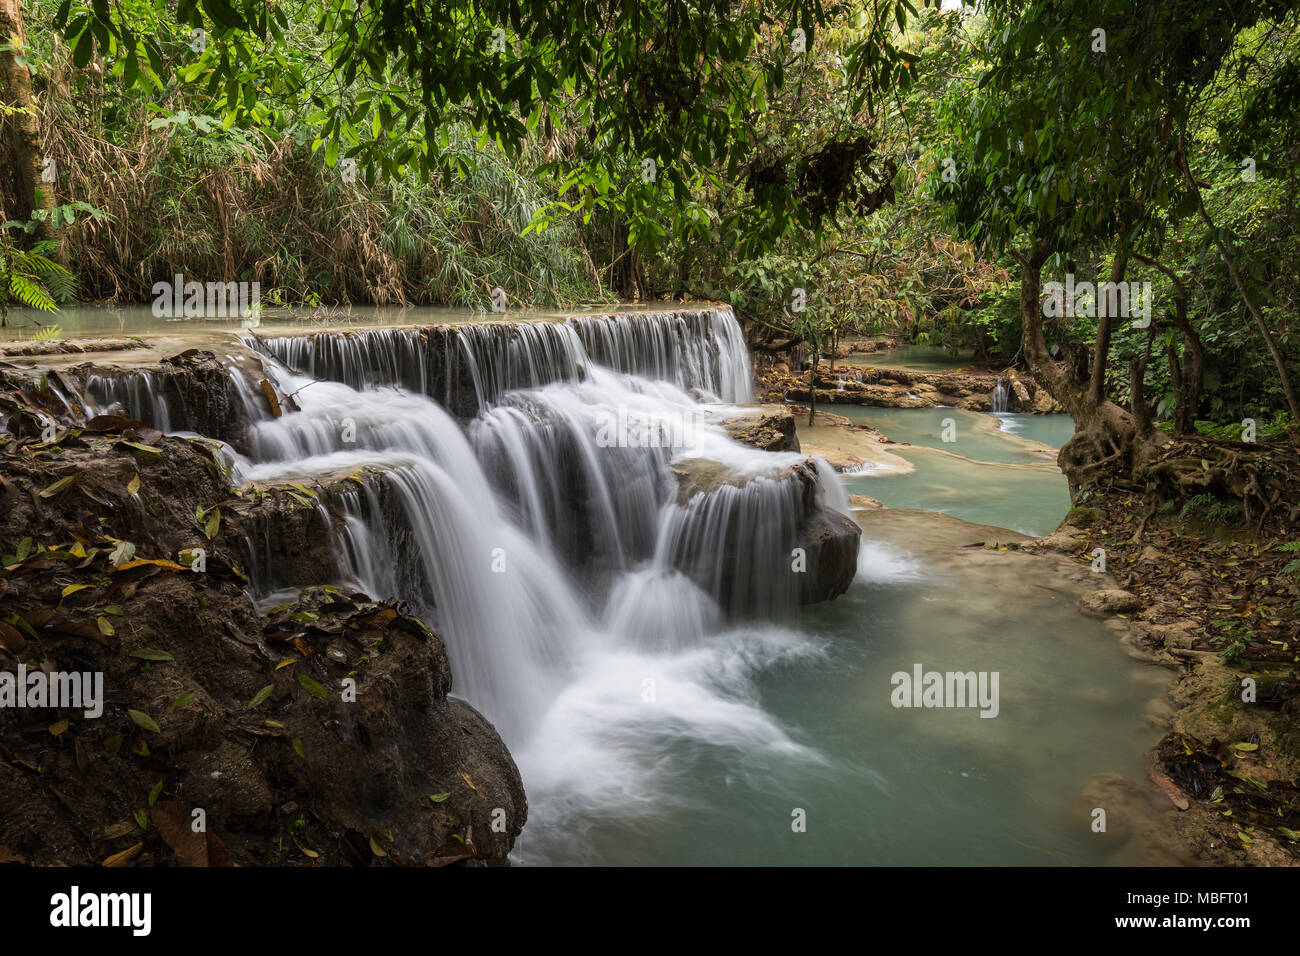 Schöne Aussicht auf einen kleinen Wasserfall am Tat Kuang Si Wasserfälle in der Nähe von Luang Prabang in Laos. Stockbild